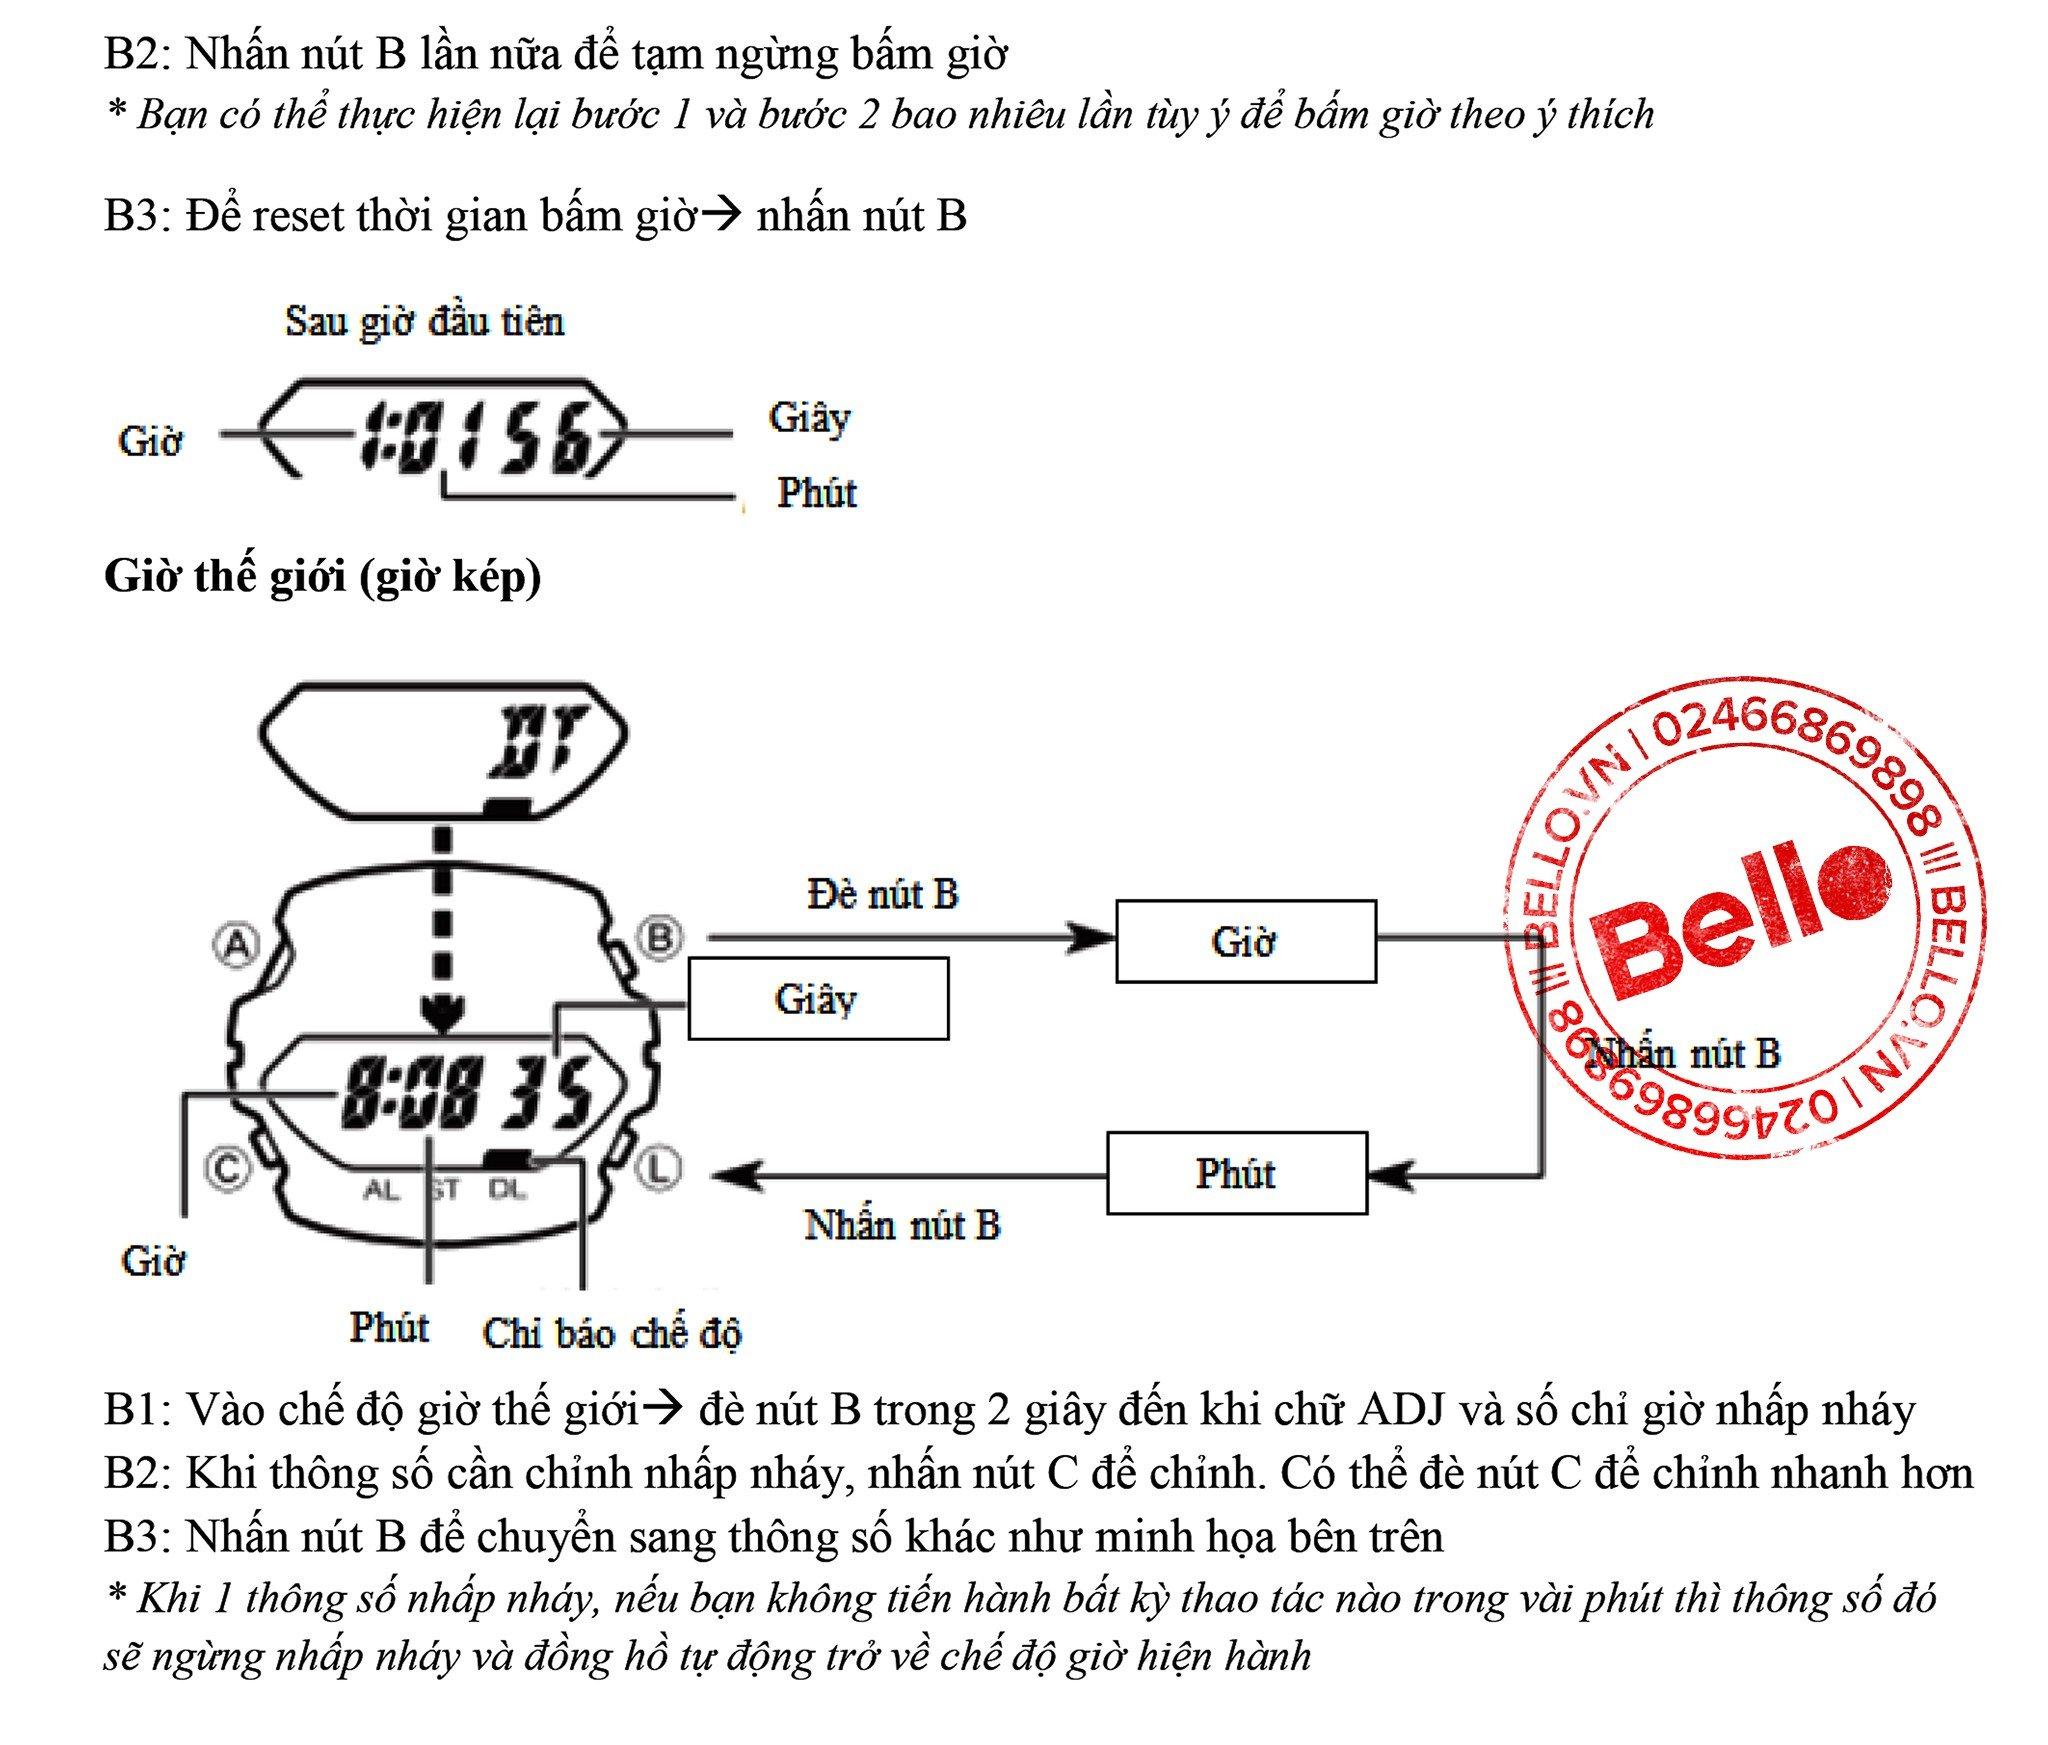 Hướng dẫn sử dụng đồng hồ Casio G-Shock G-100 Bello